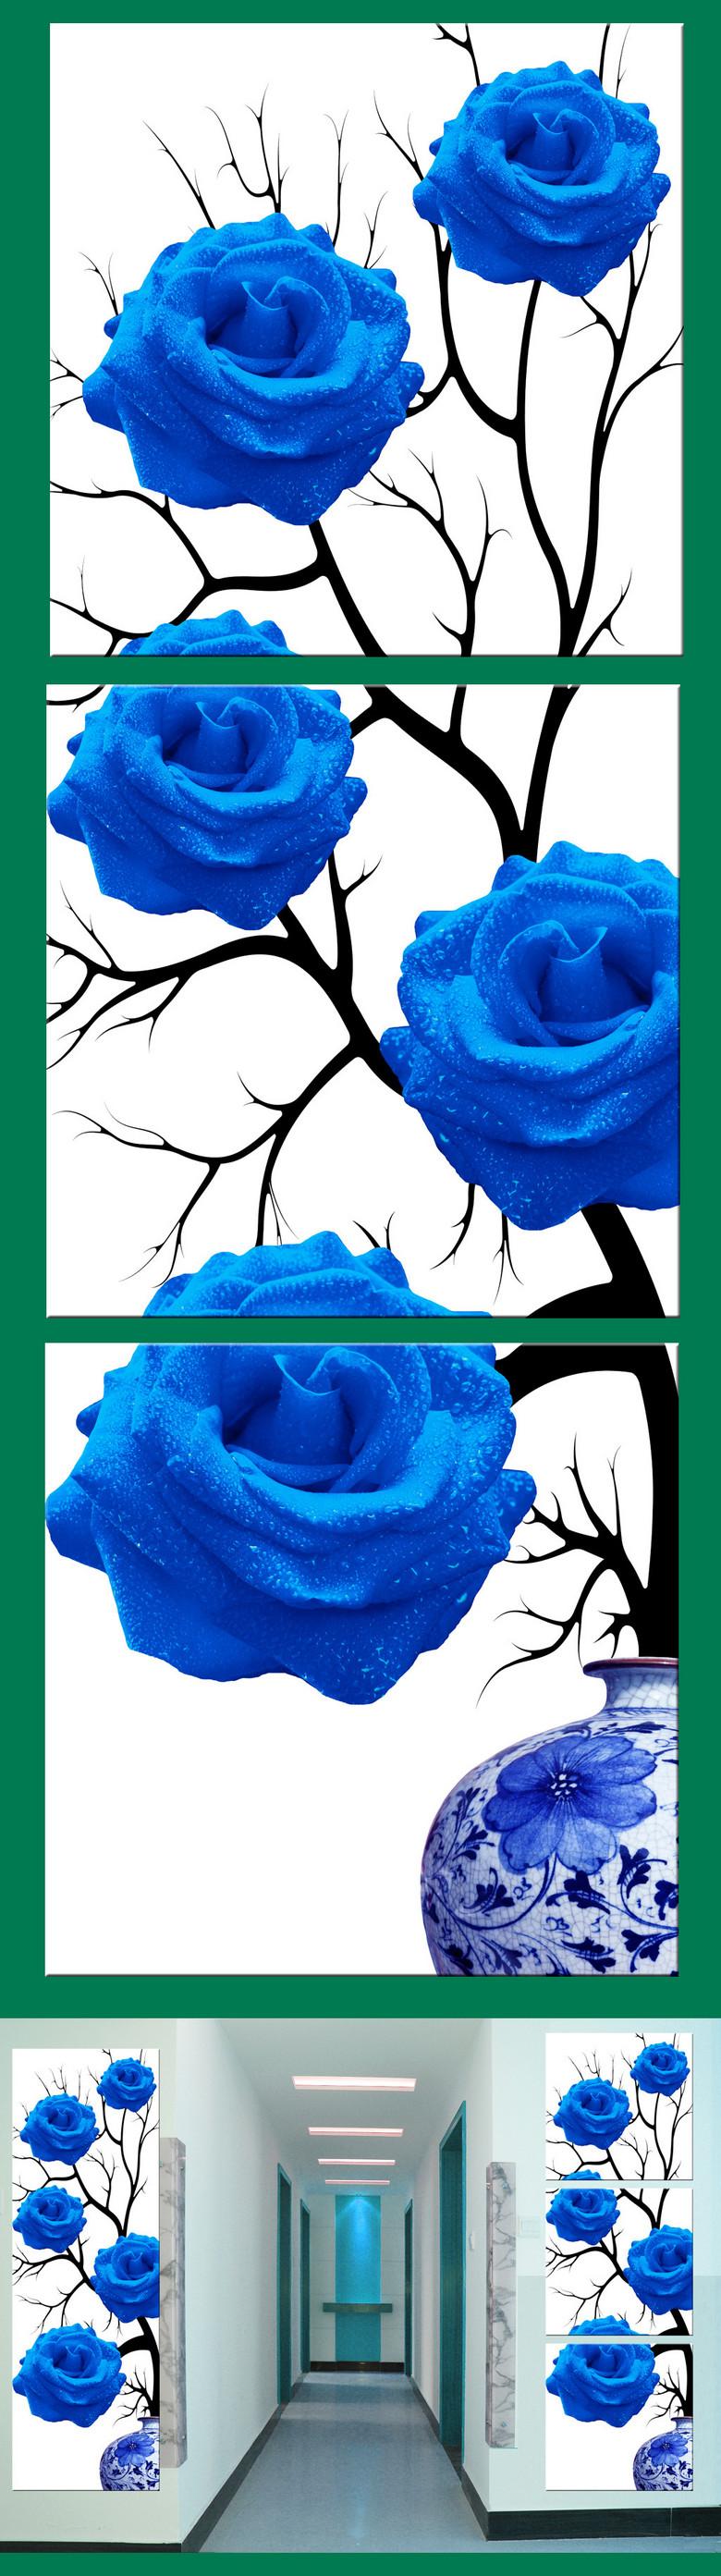 简约青花瓷玄关蓝玫瑰无框画竖图